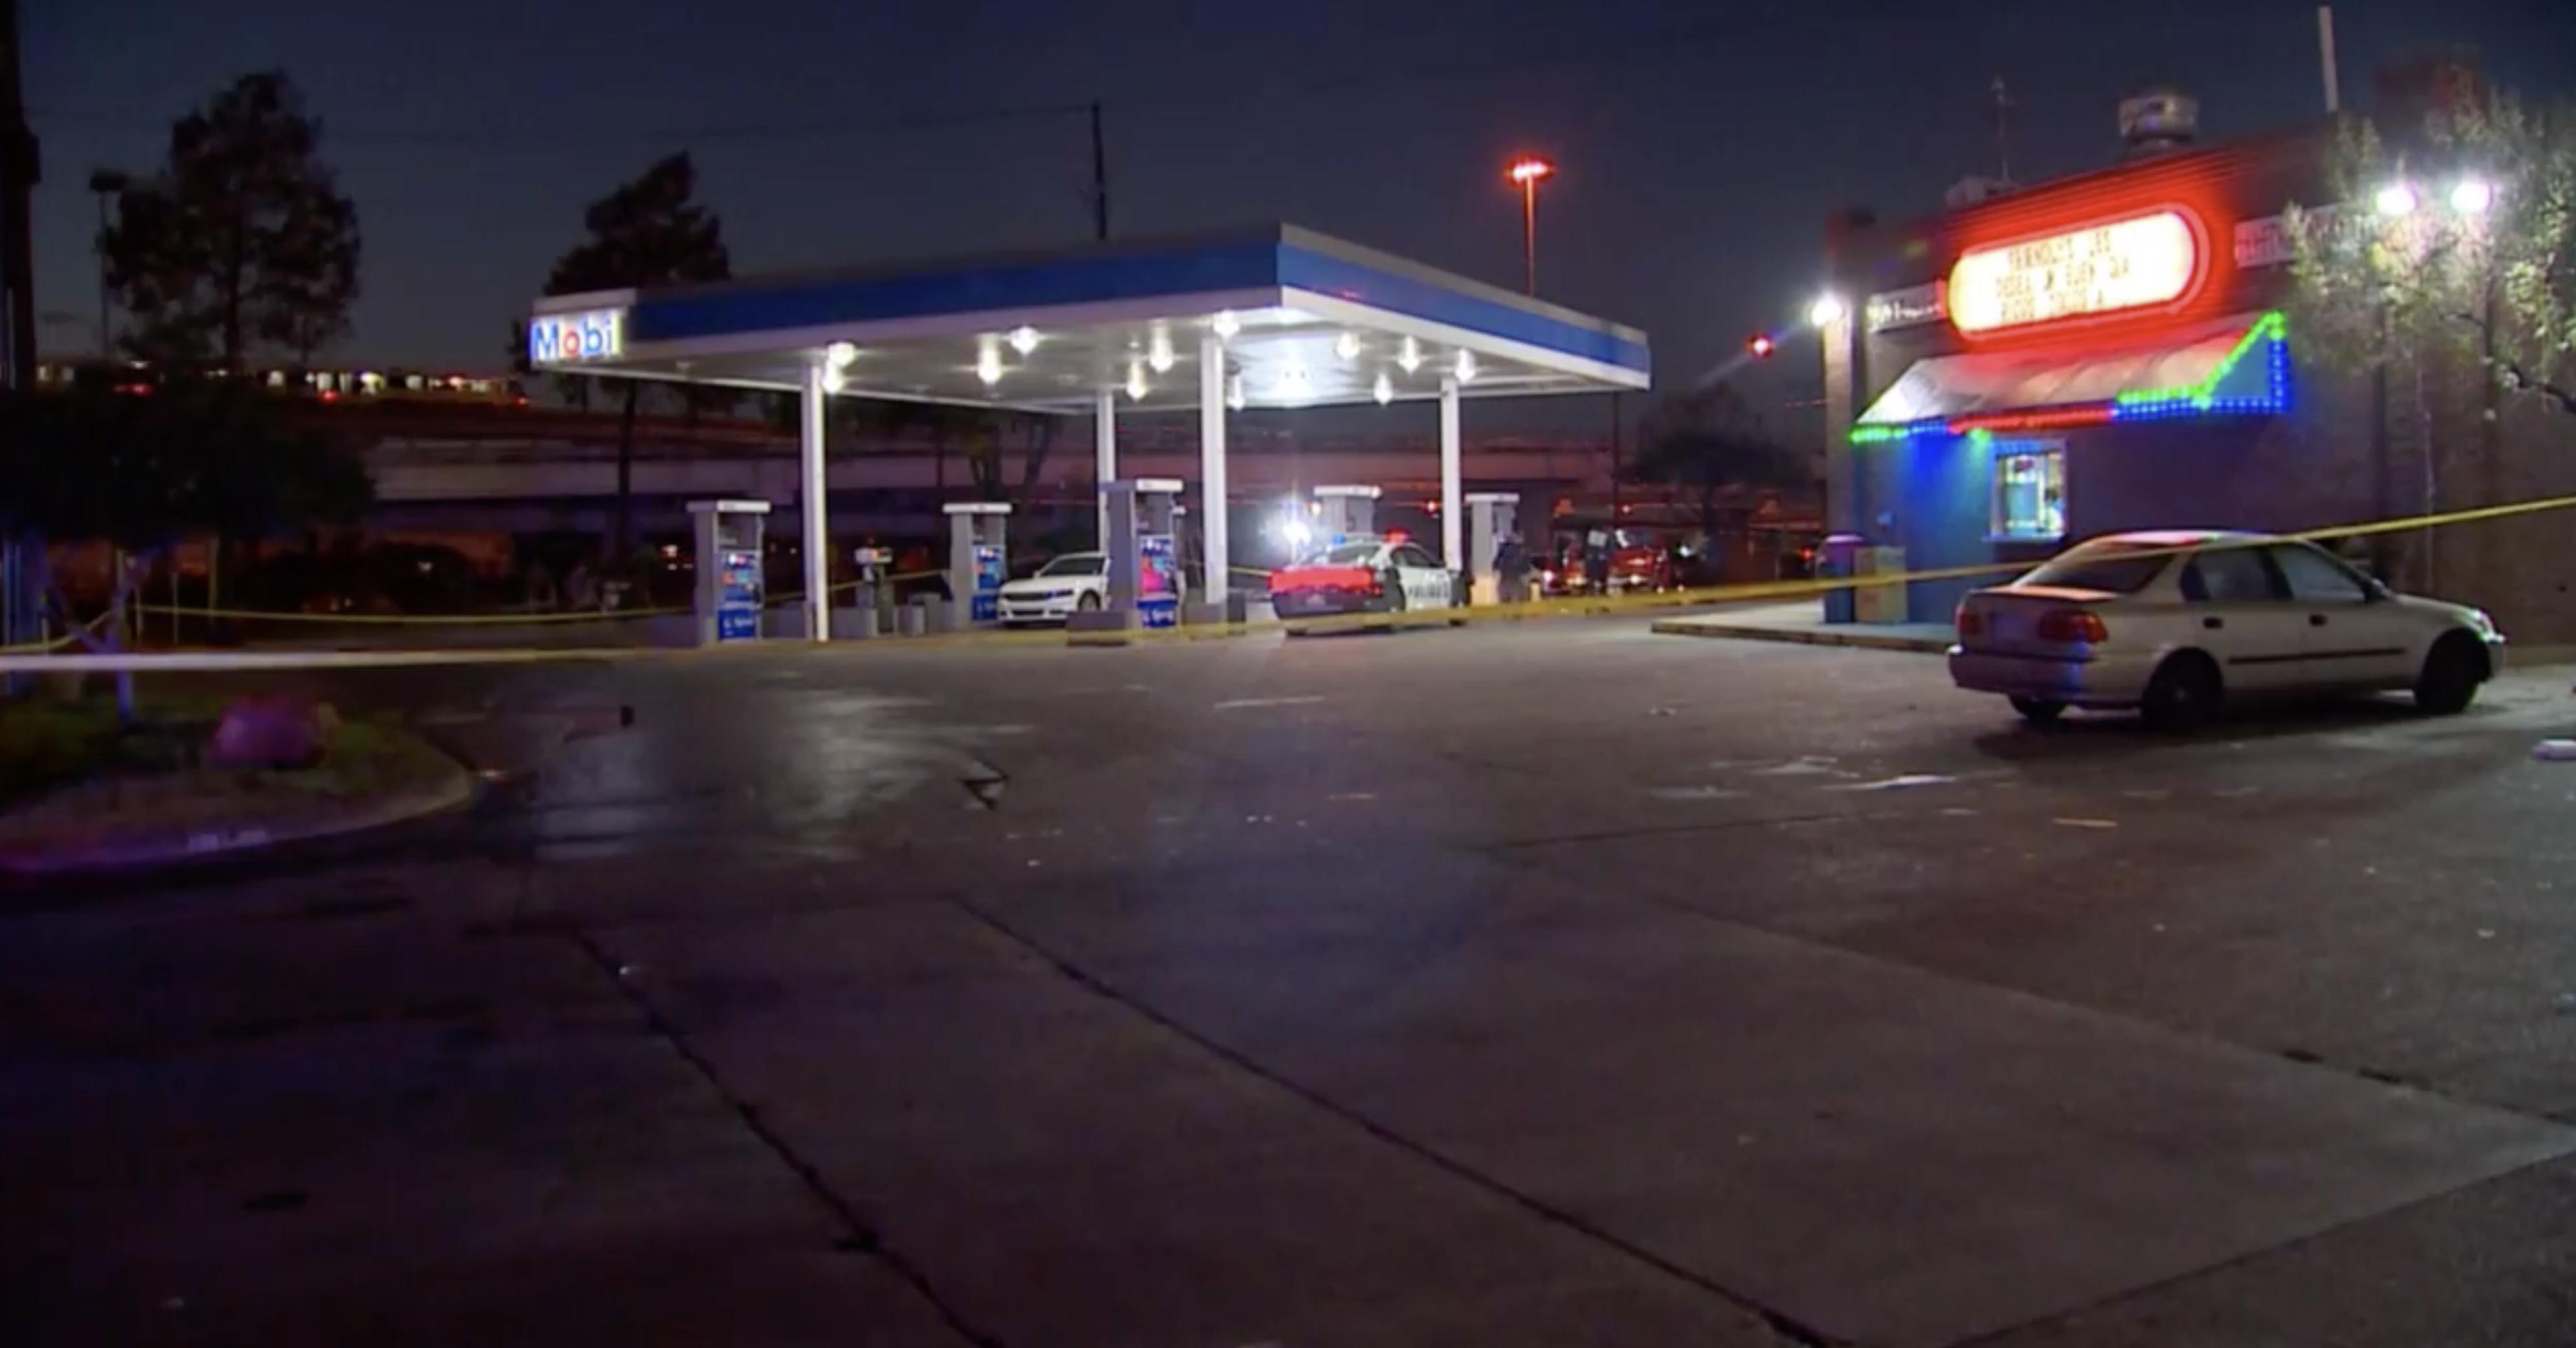 3 injured in shooting at gas station - Garland news - NewsLocker